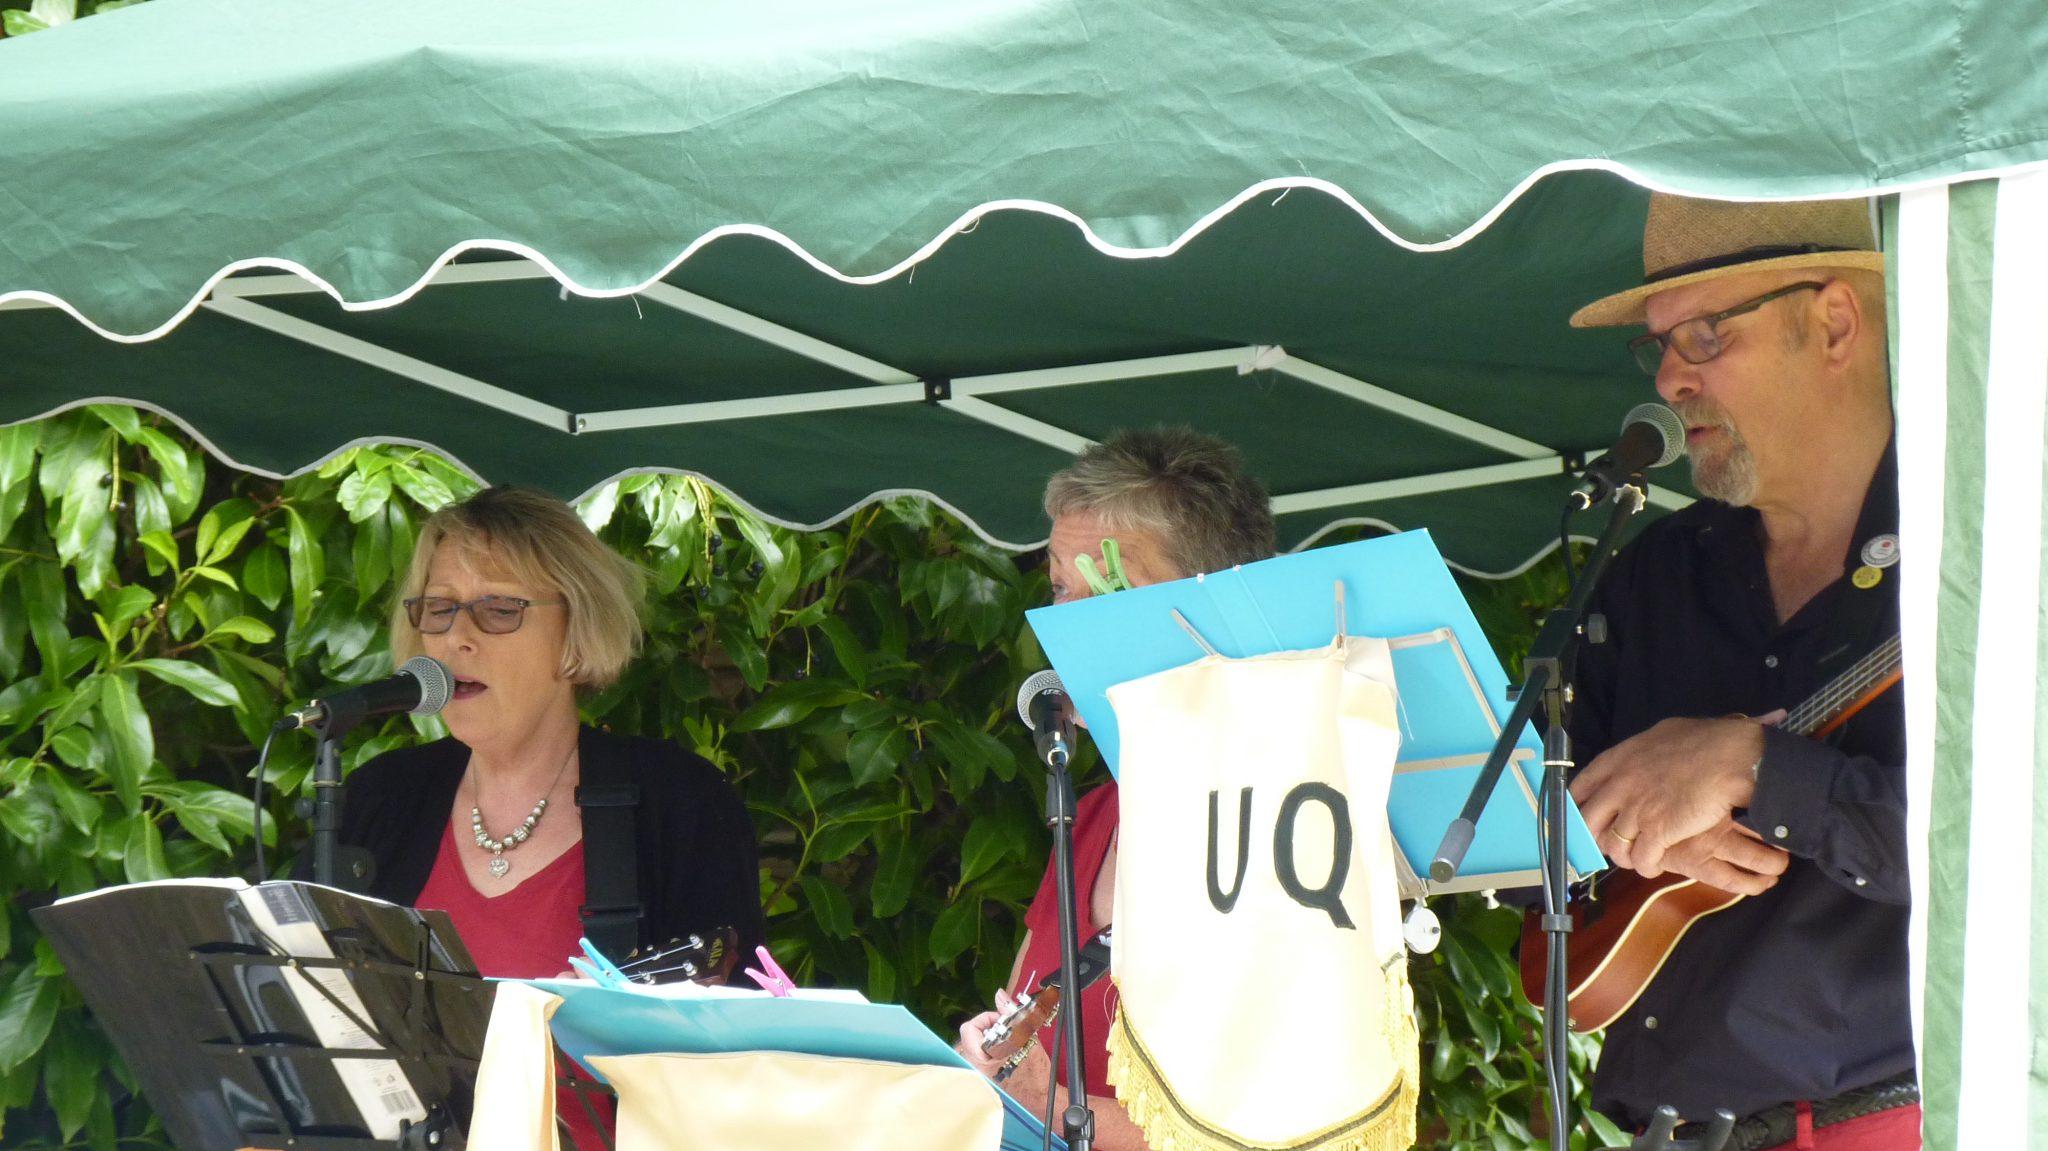 """""""UQ"""" during their Vera Lynn medley."""